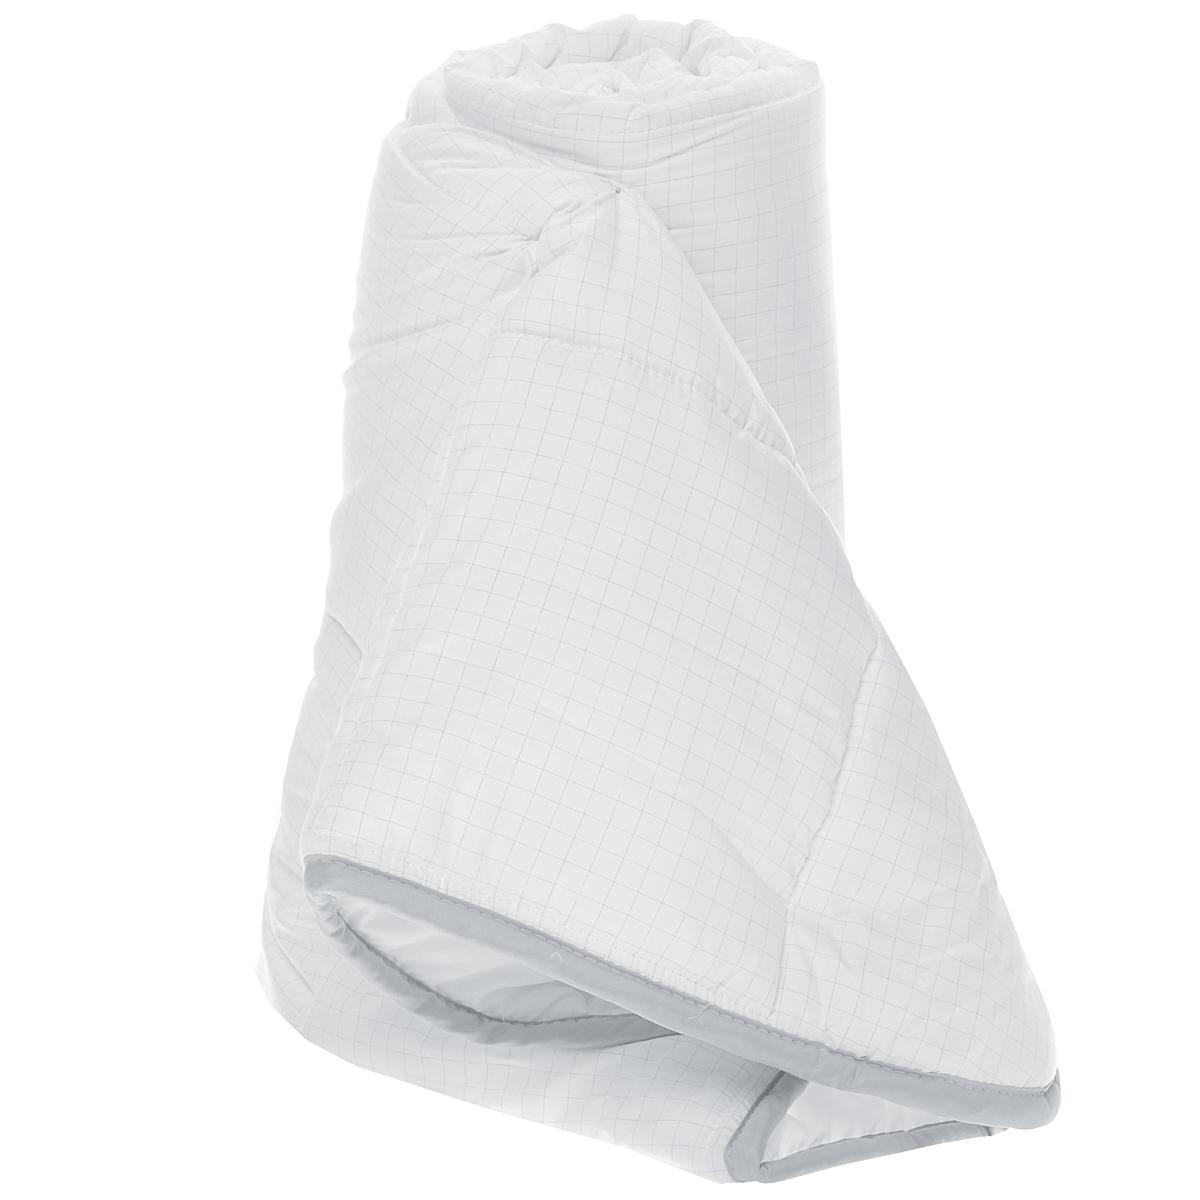 """Одеяло легкое Comfort Line """"Антистресс"""", наполнитель: полиэстер, 140 х 205 см"""